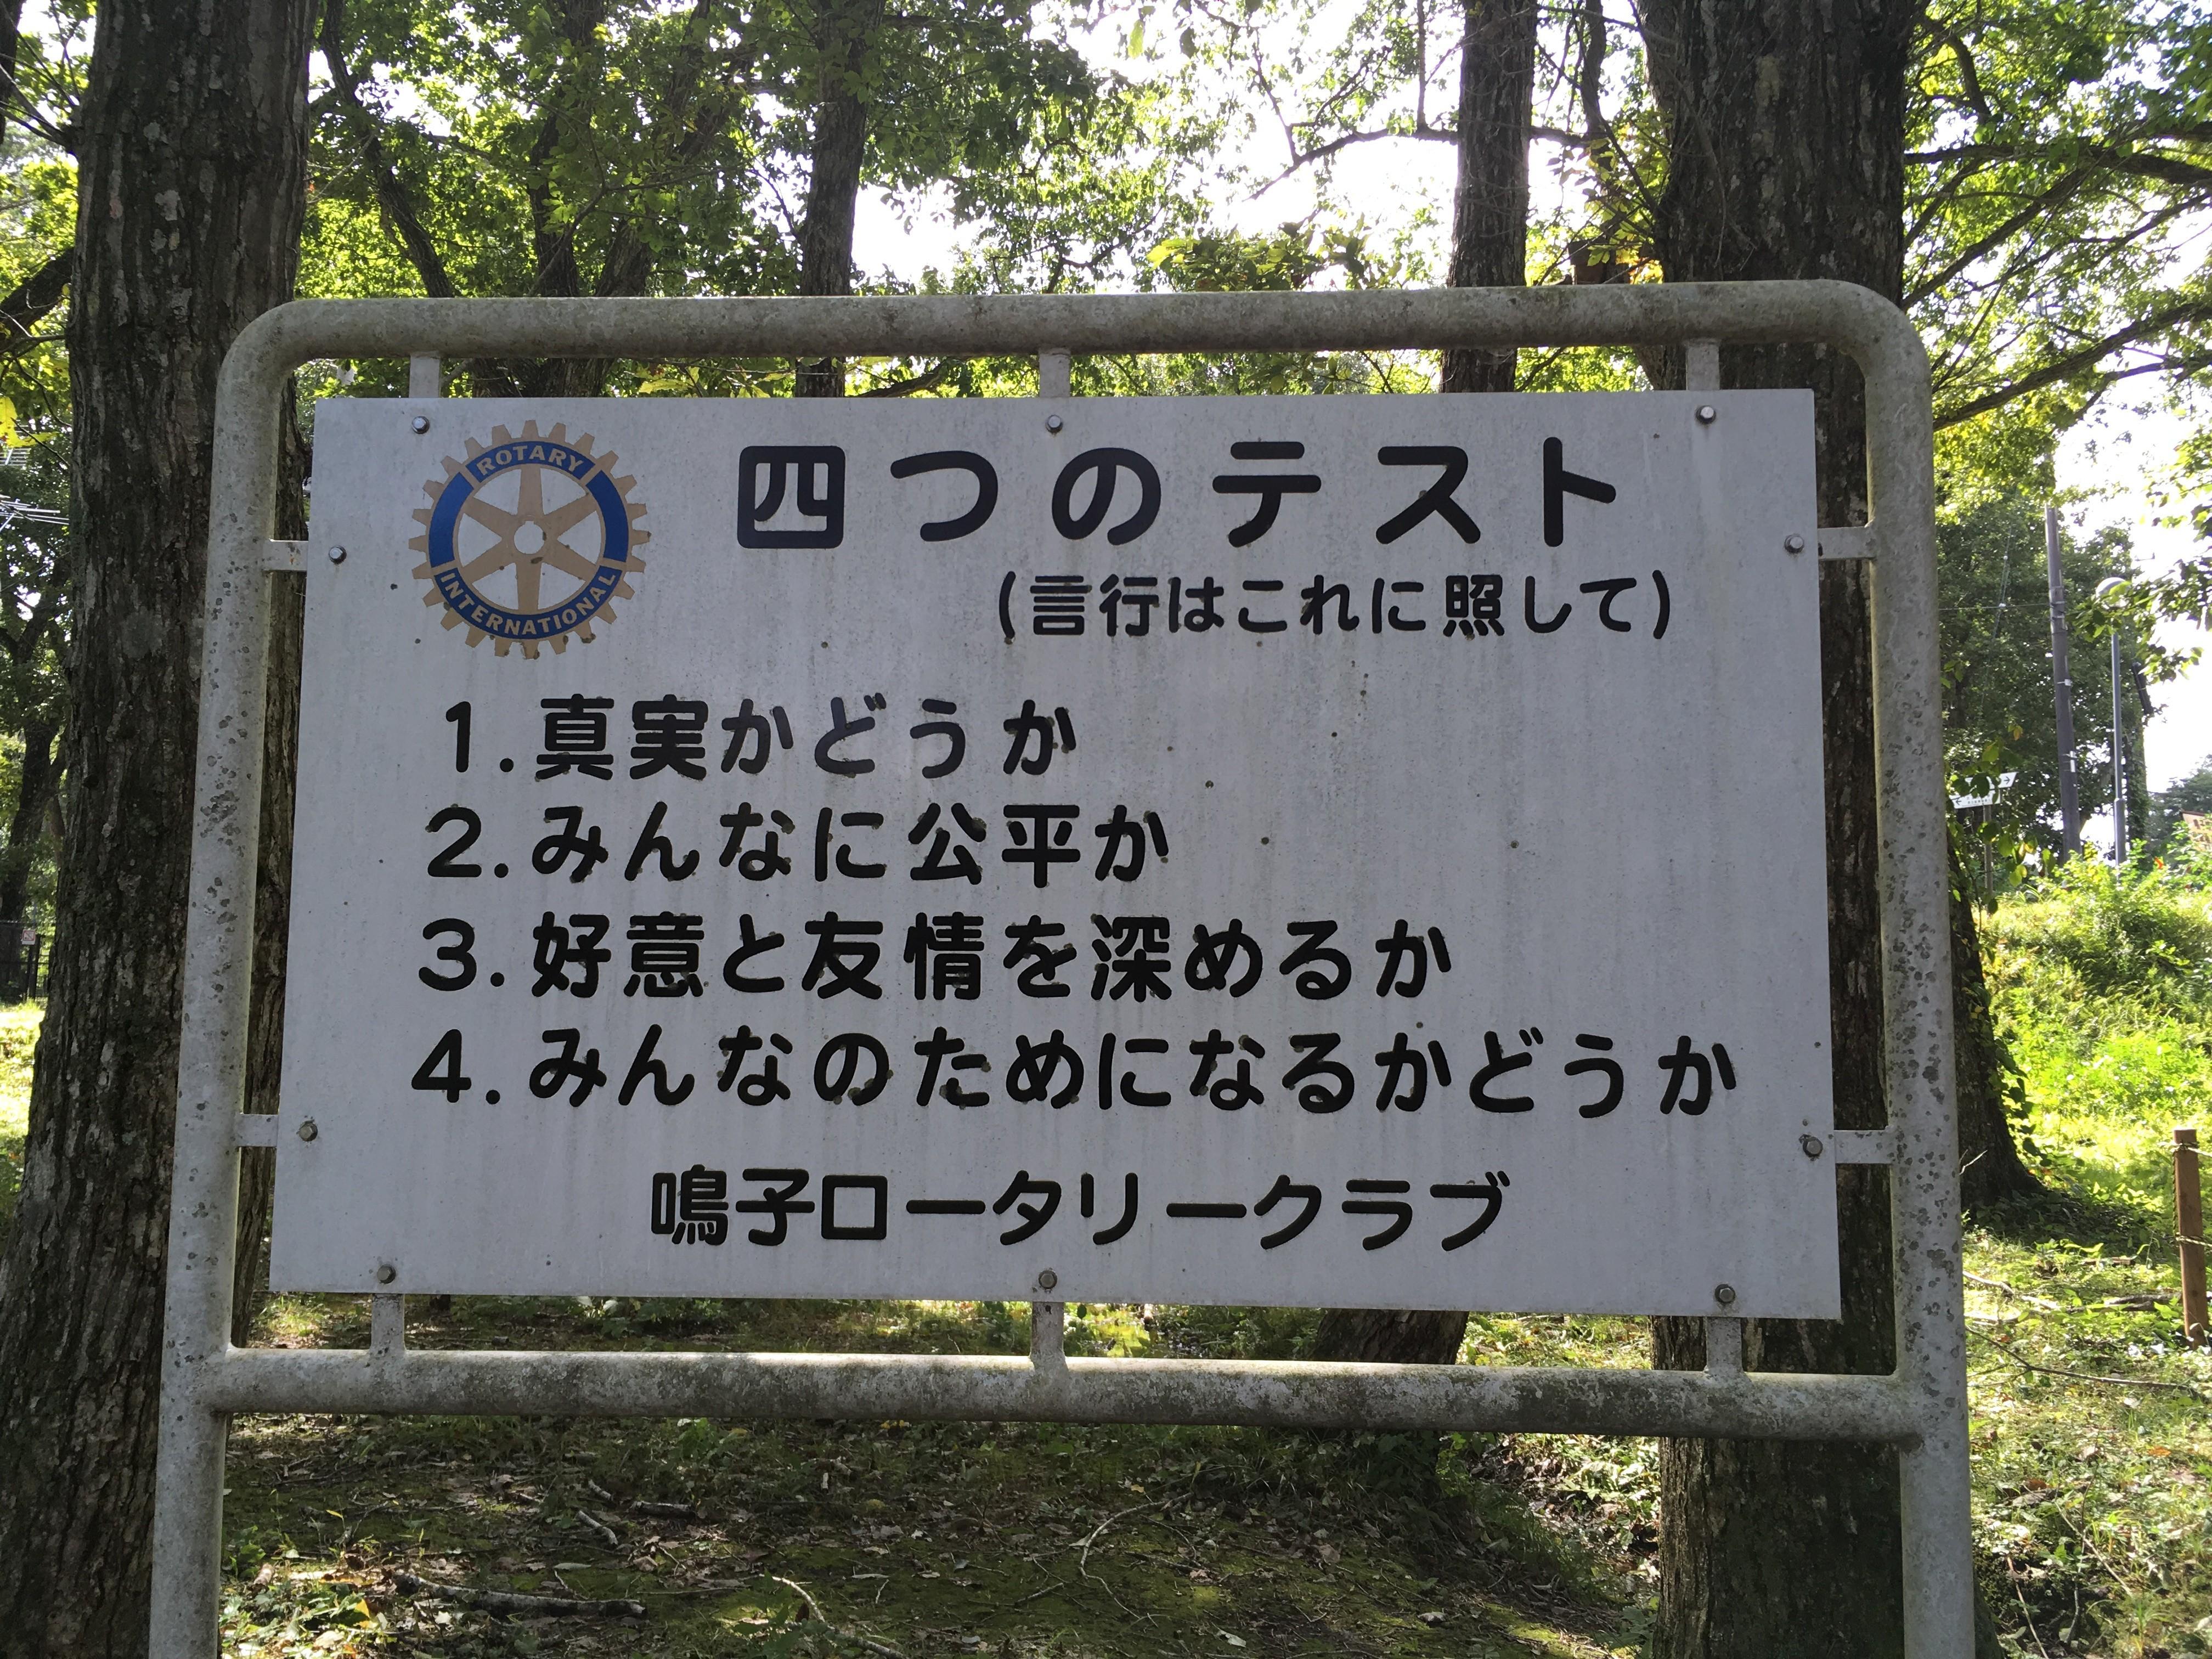 四つのテスト